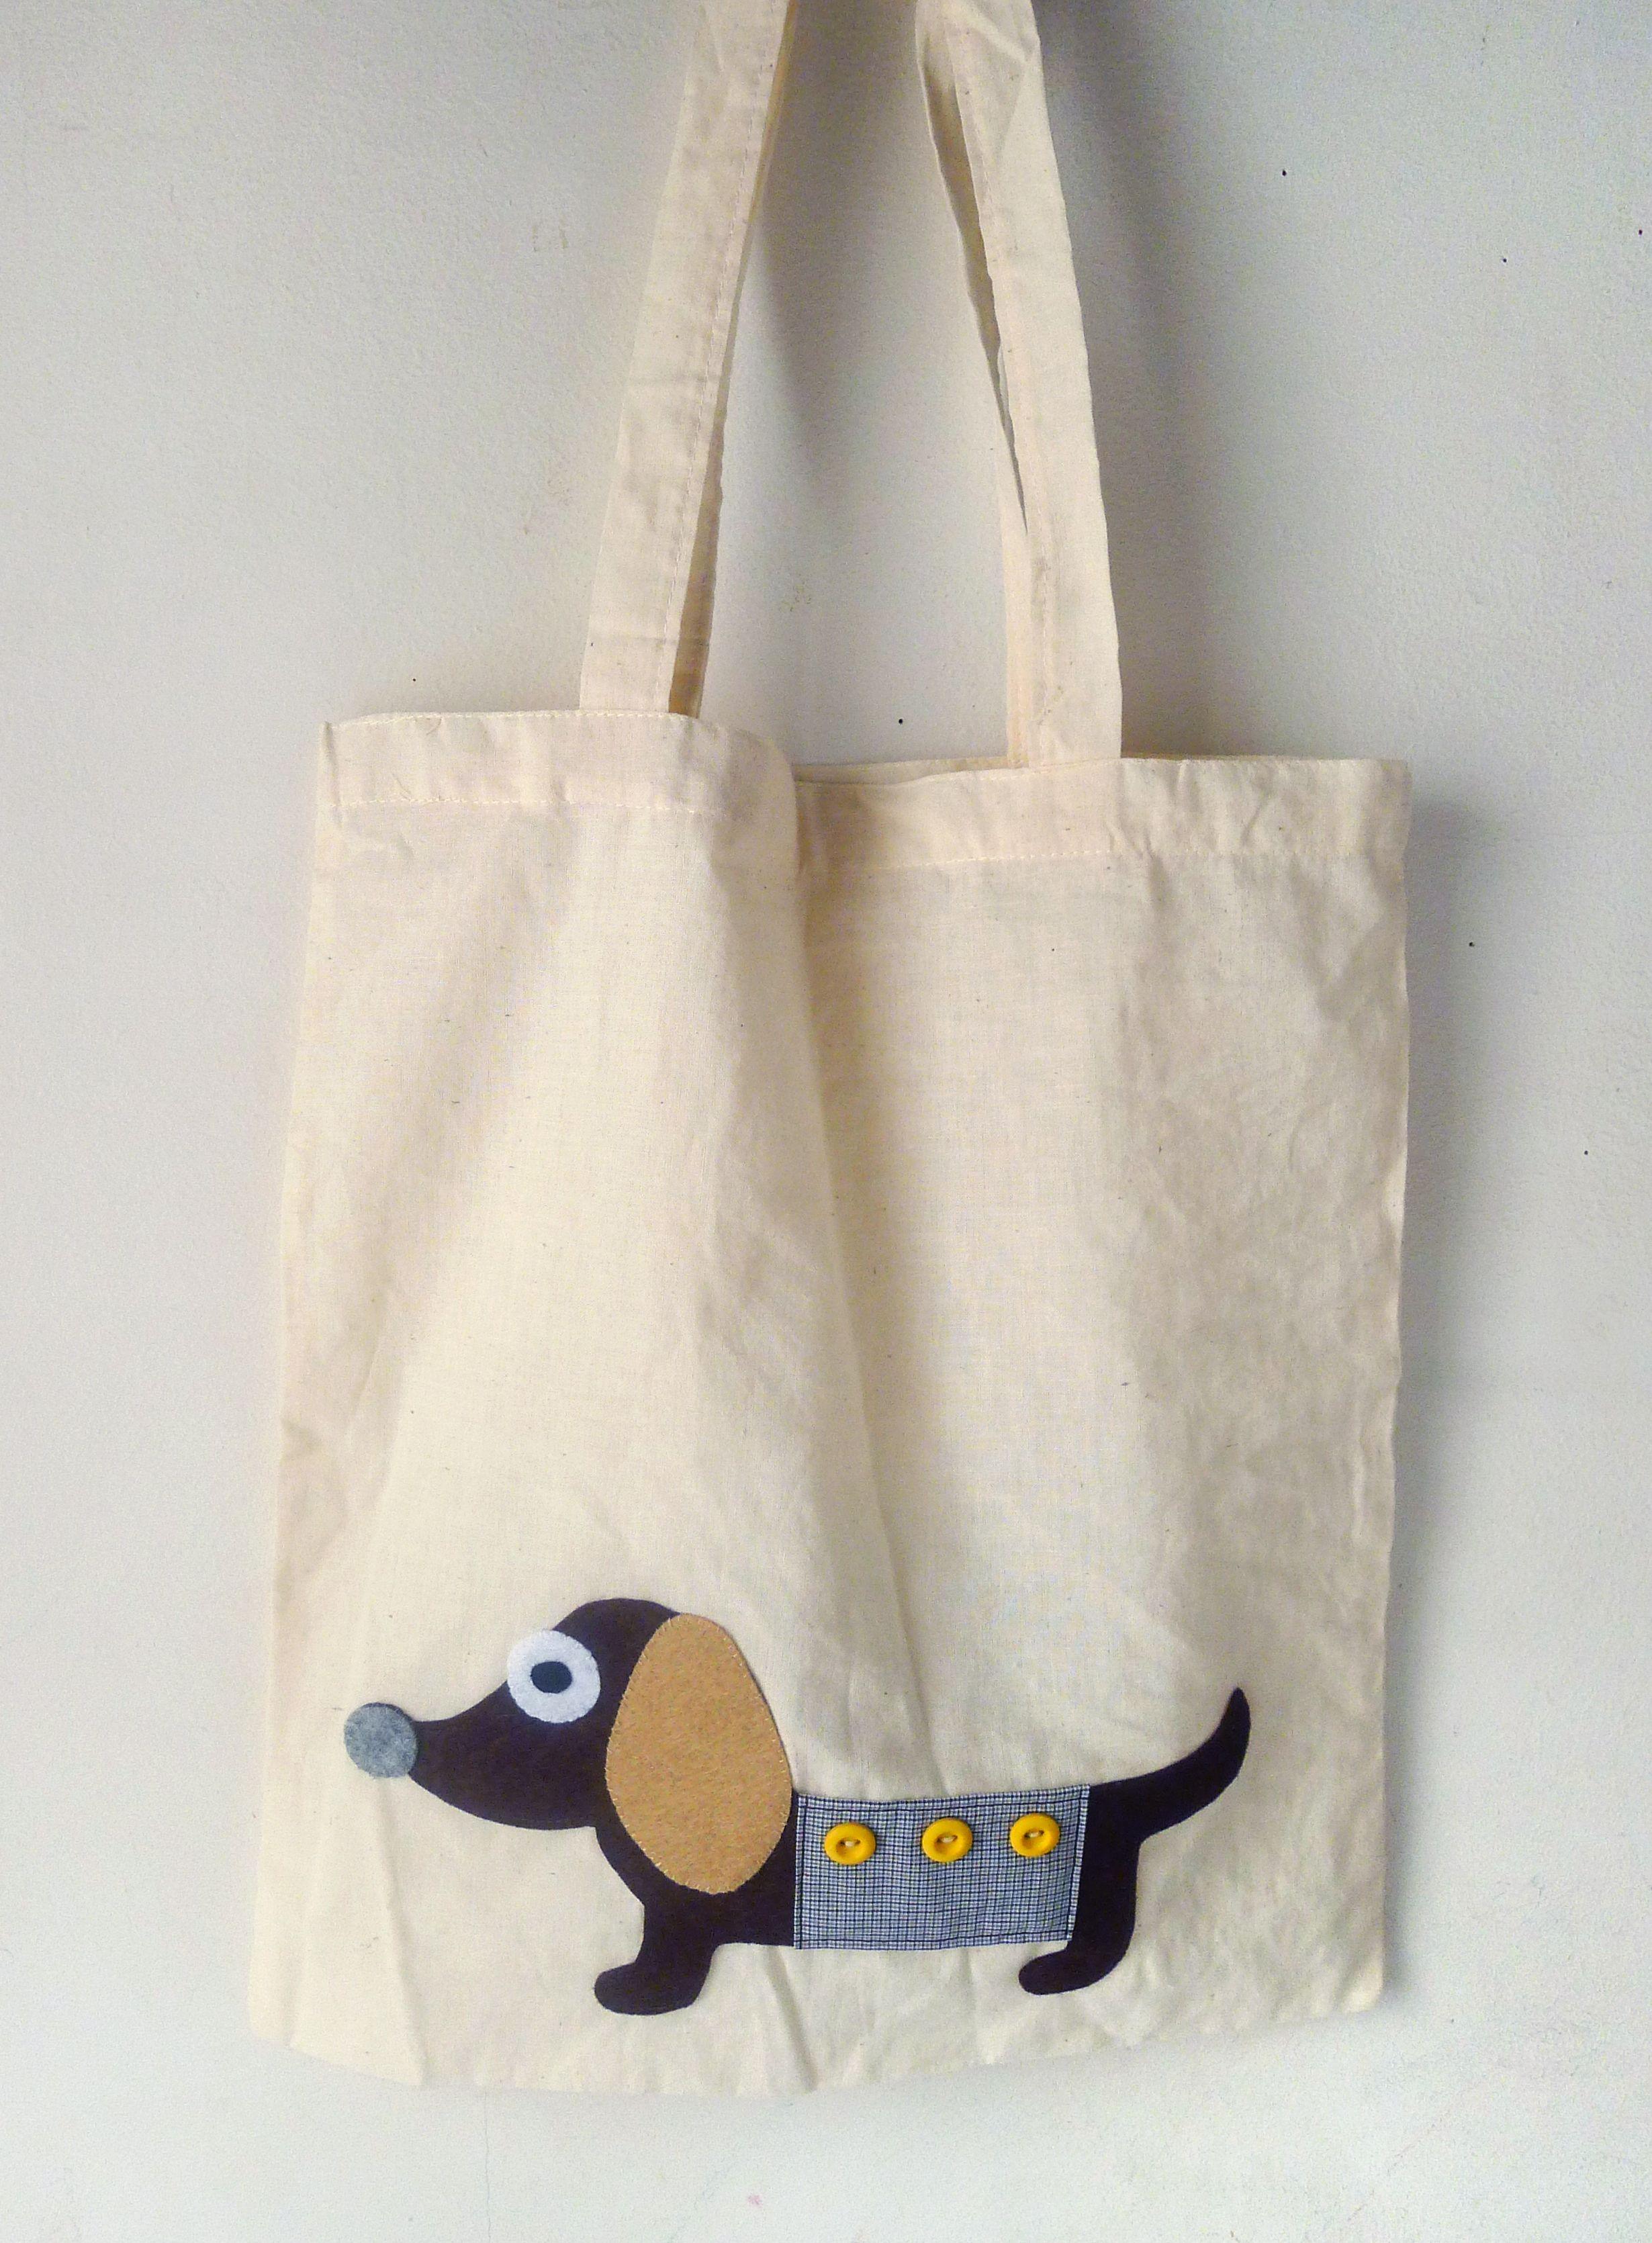 Tote bag. https://www.facebook.com/Mister-Deer-230447580462717/